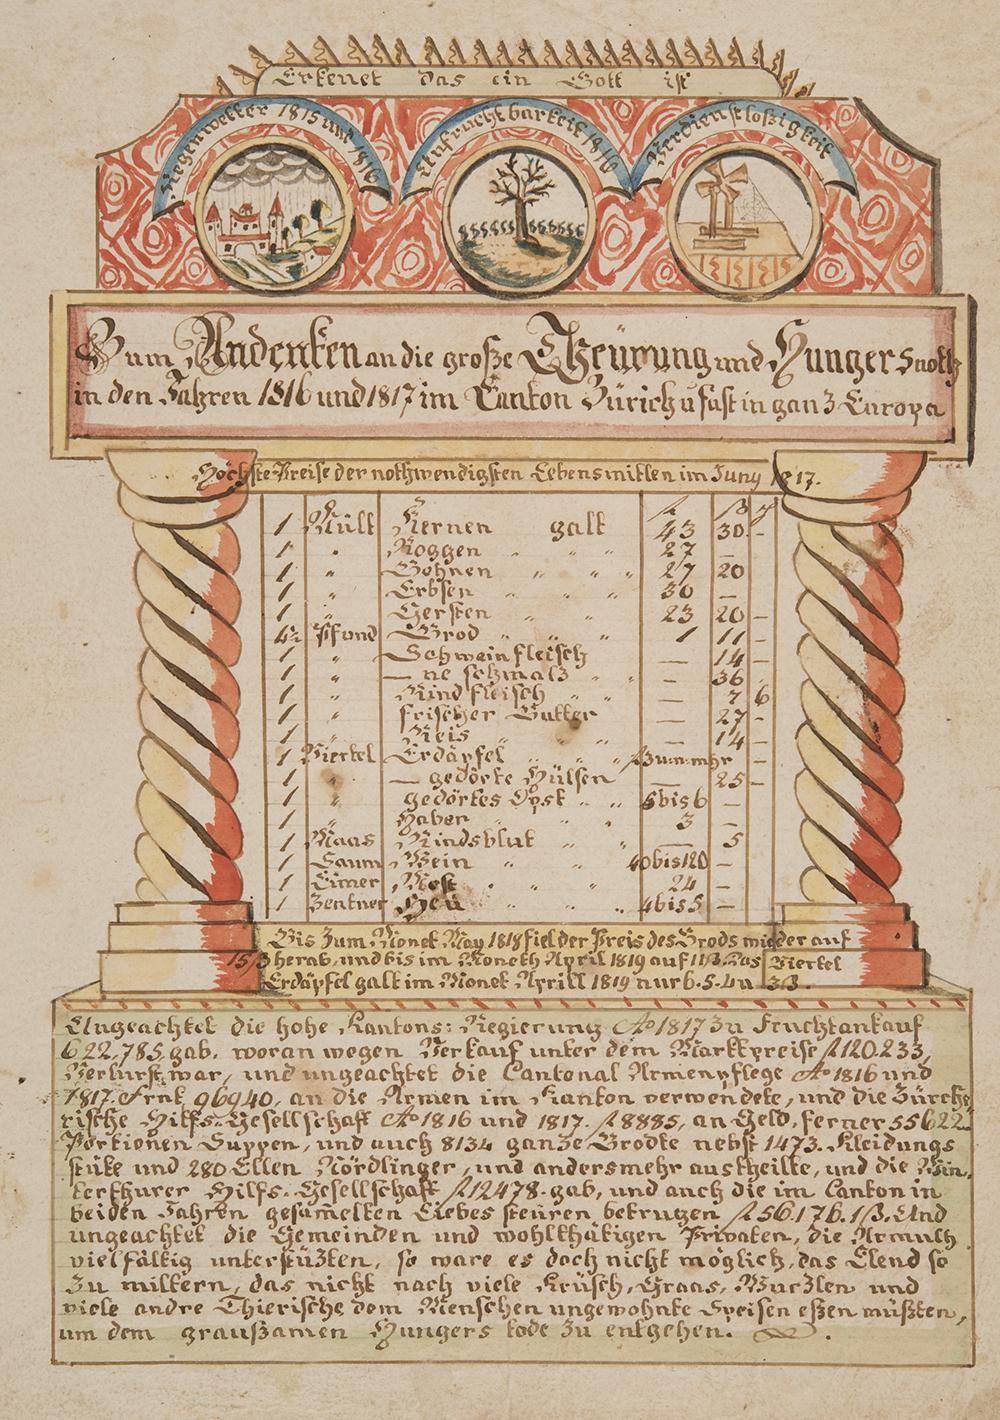 Zum Gedenken an die Hungersnot 1816-1817, Handzeichnung.